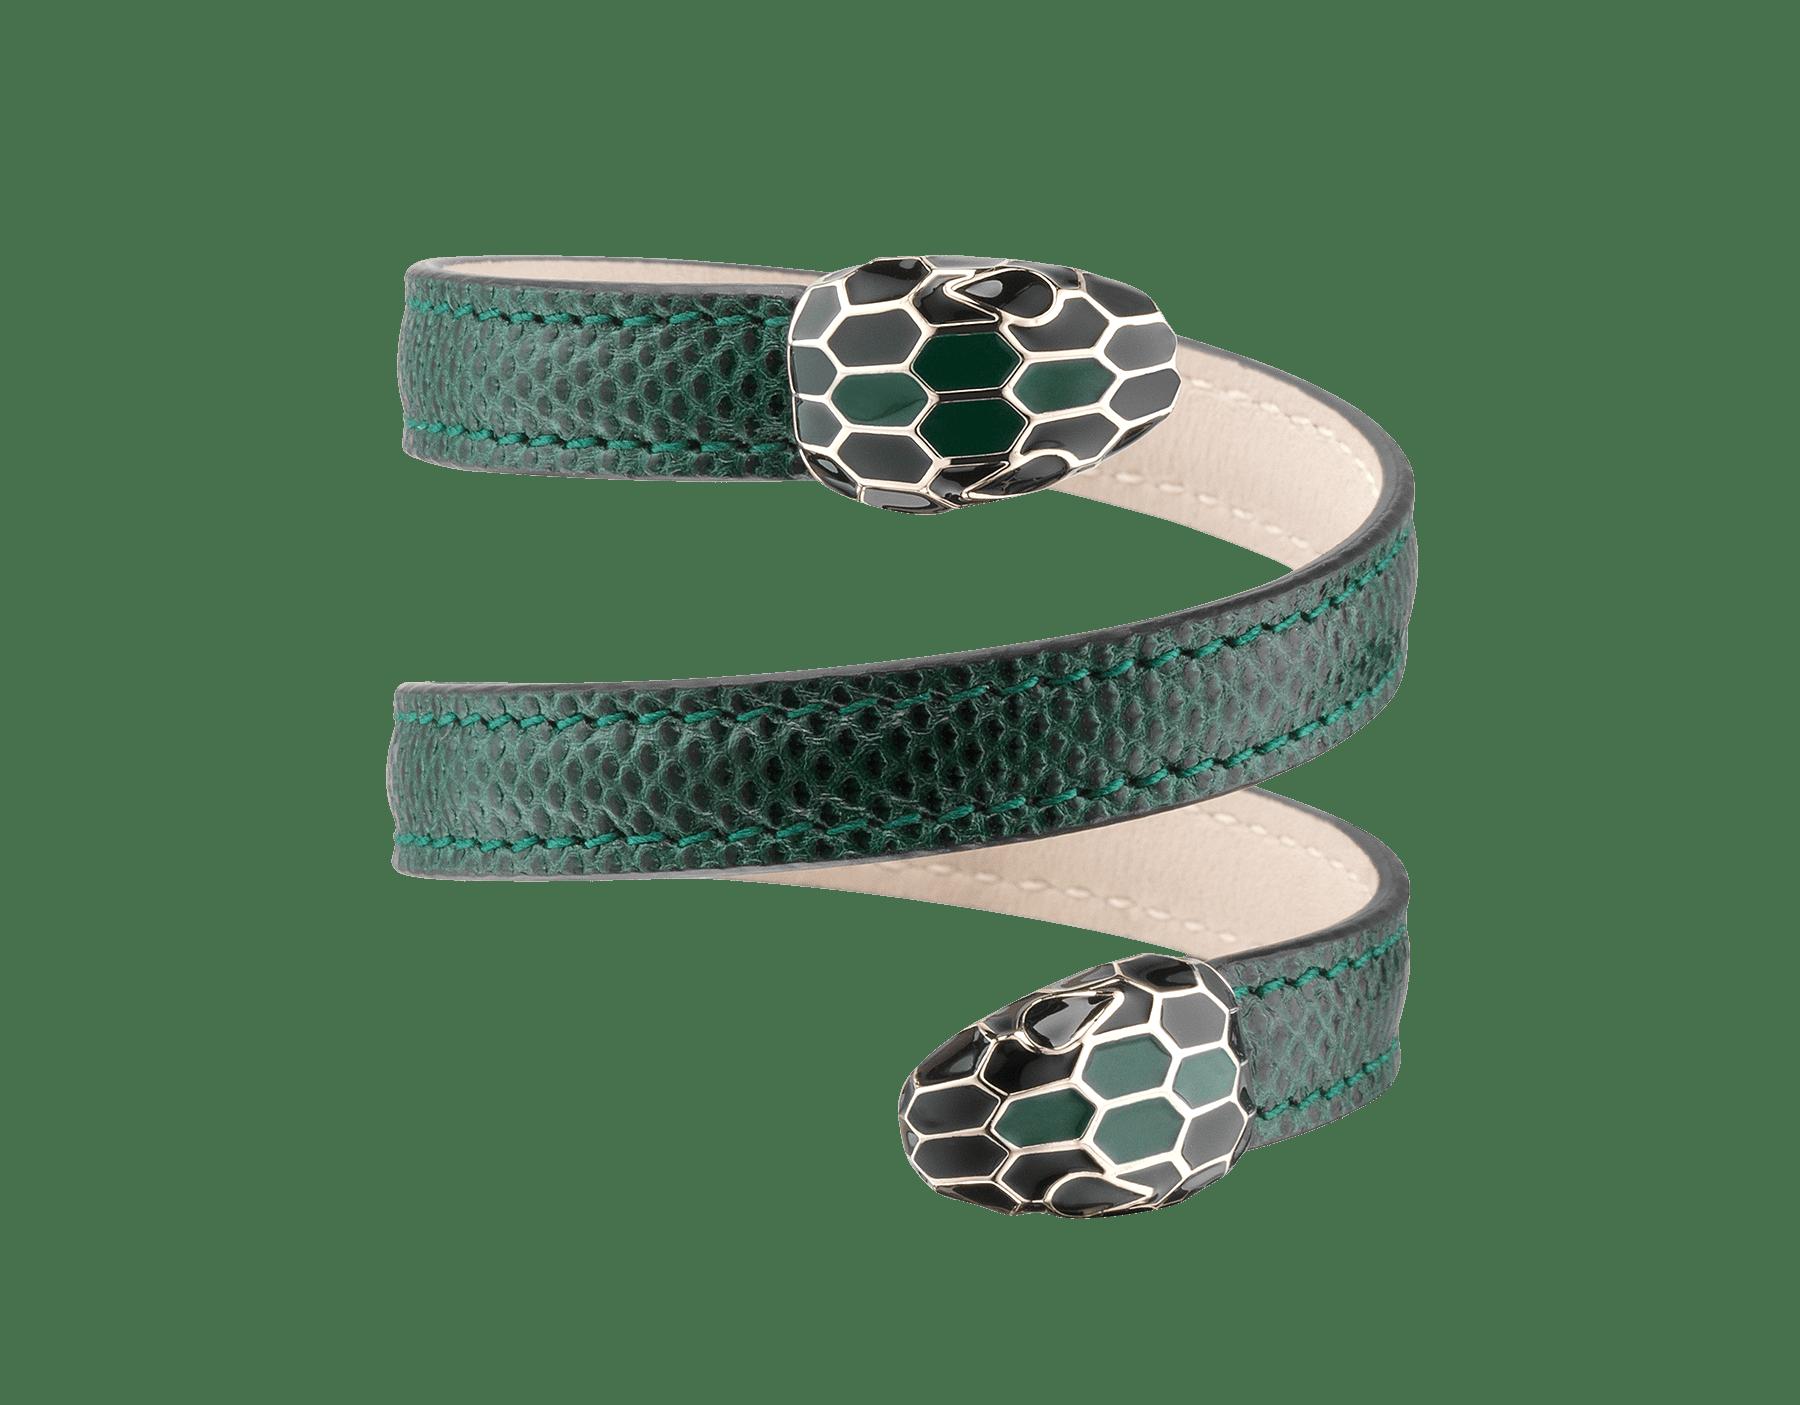 Bracelet Cleopatra multi-tours rigide en karung brillant couleur émeraude vert forêt avec détails en laiton doré. Fermoir Serpenti double en émail noir et couleur émeraude vert forêt. Cleopatra-SK-FE image 1